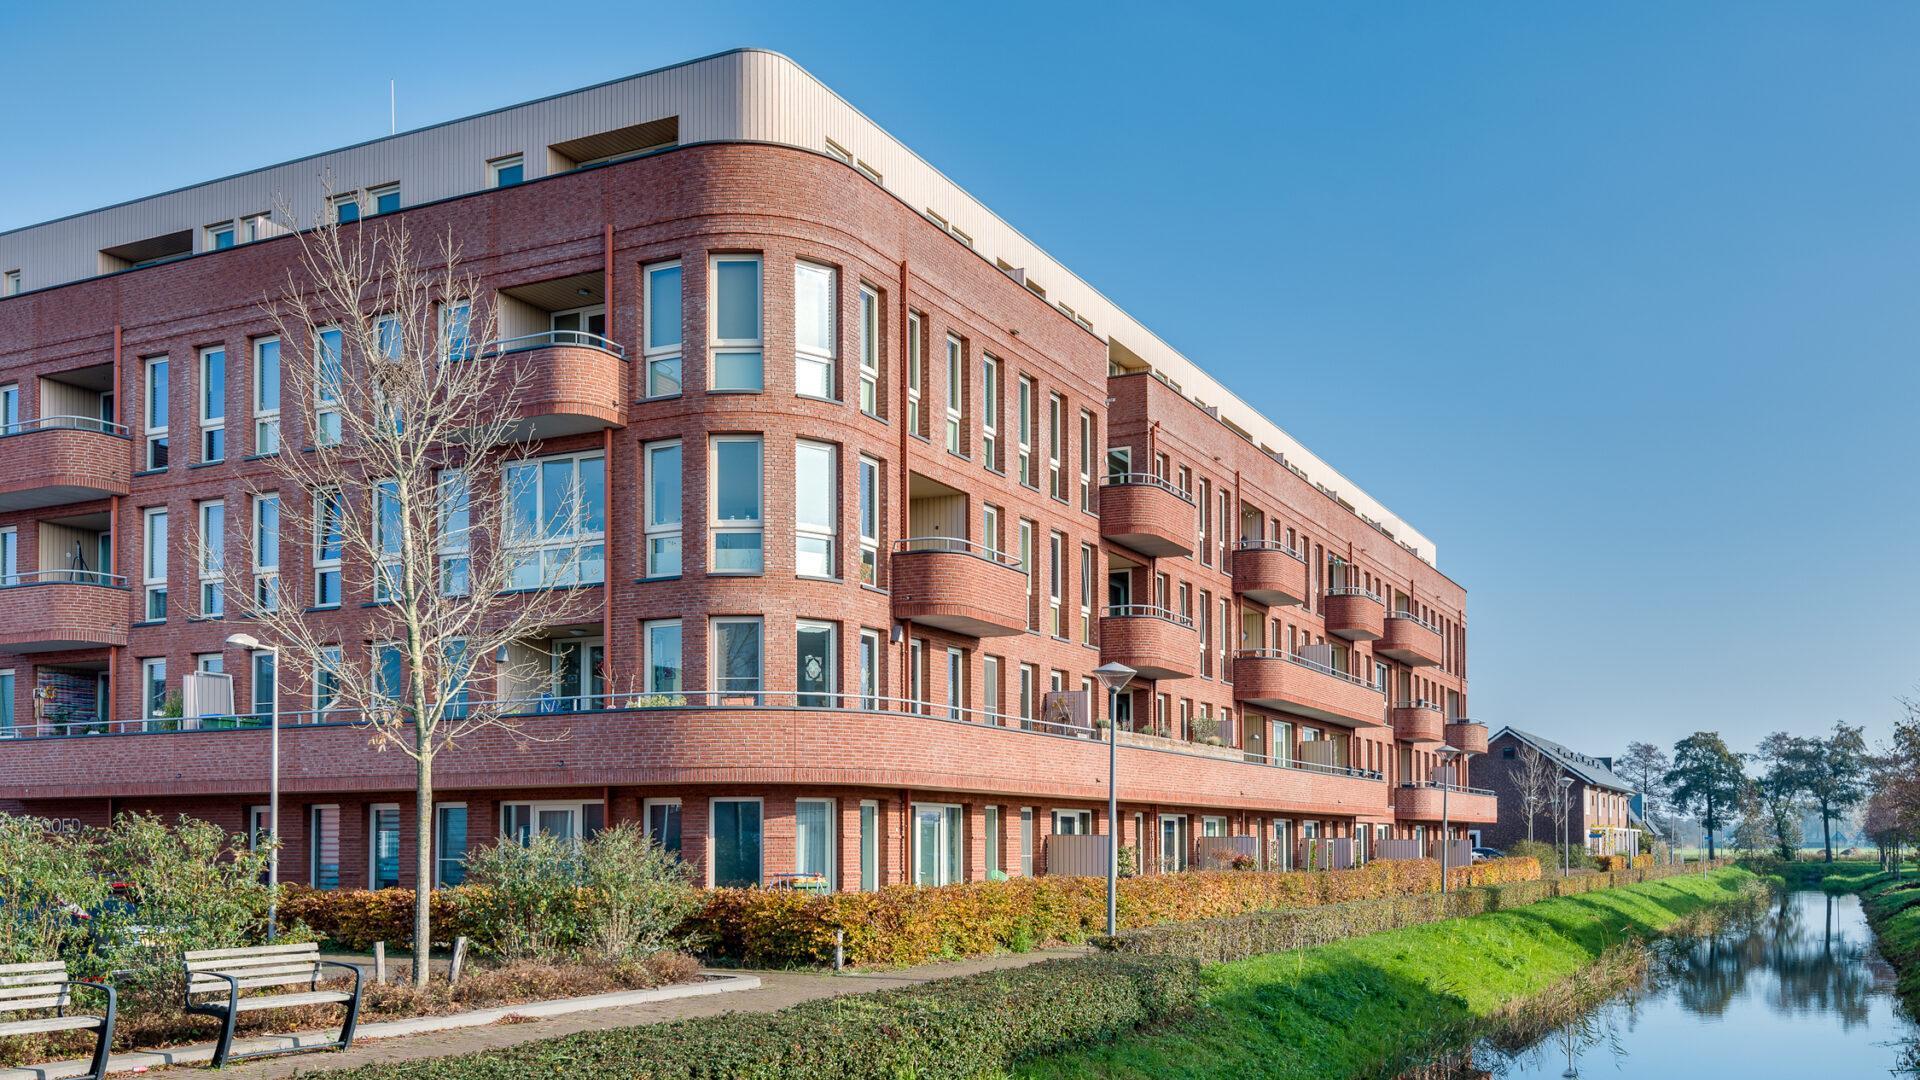 Beeld: Hoogeveen architecten - Amstelveen